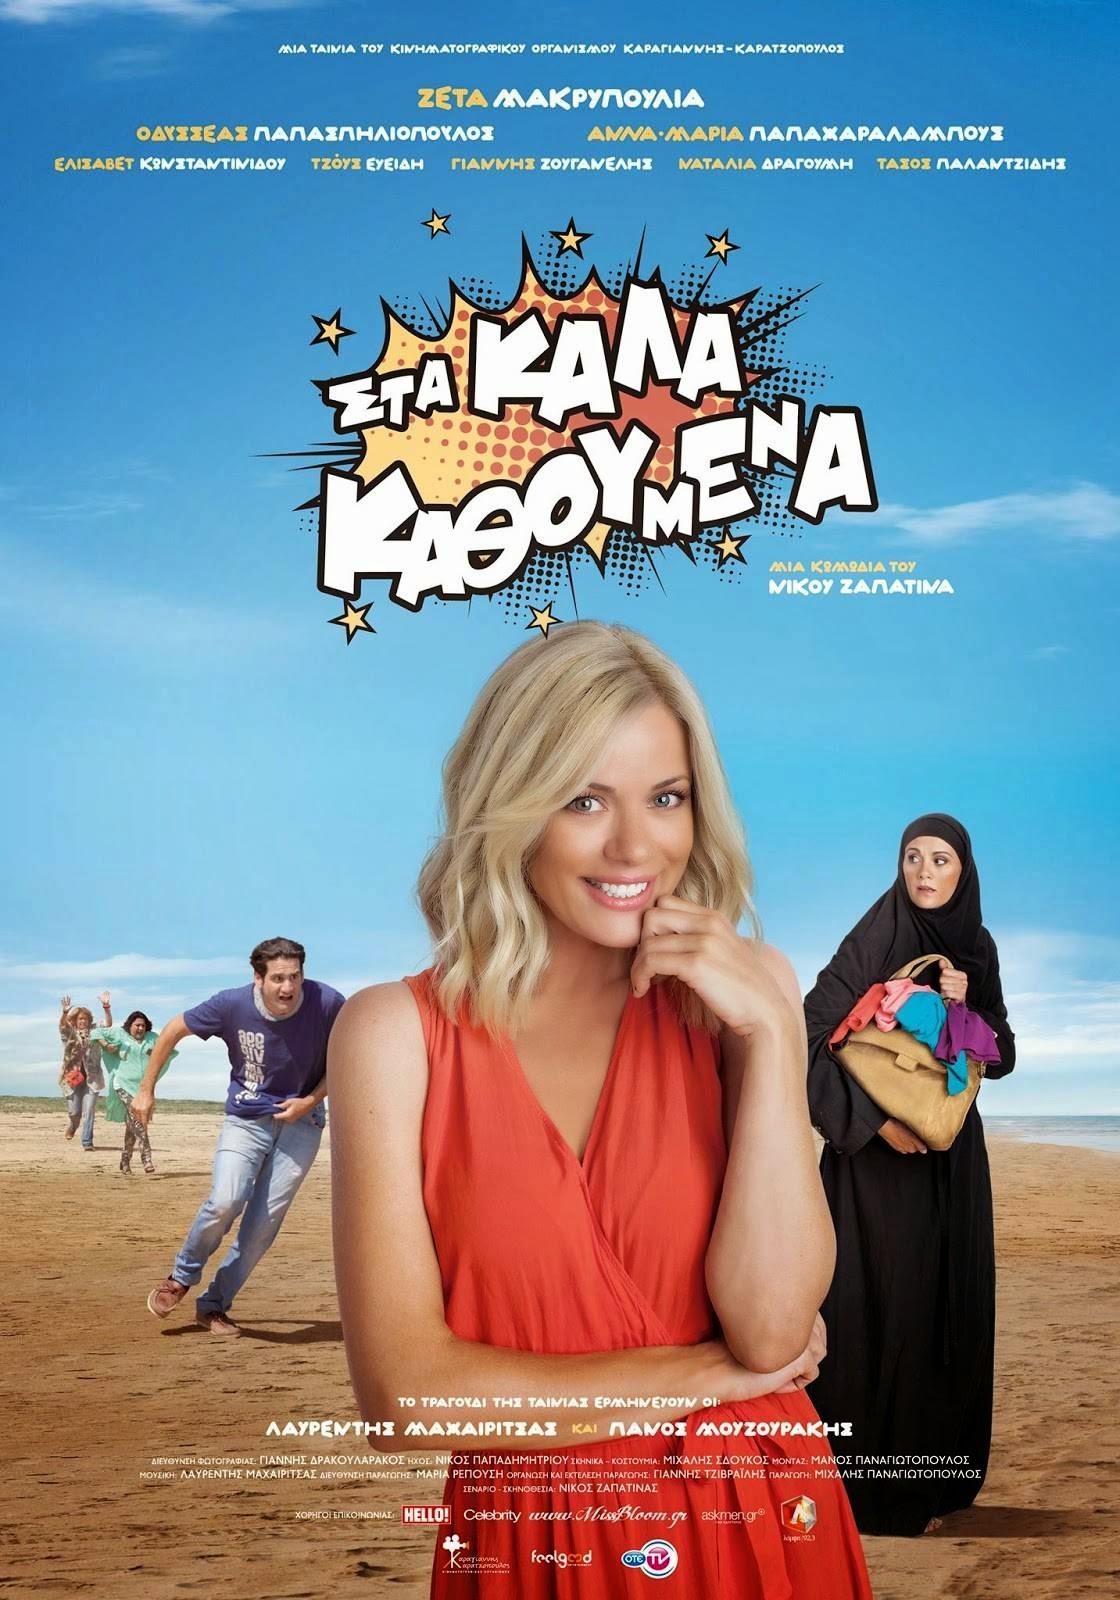 Χαλκίδα: Η Ζέτα Μακρυπούλια στον κινηματογράφο ΜΑΓΙΑ με νέα κωμωδία!